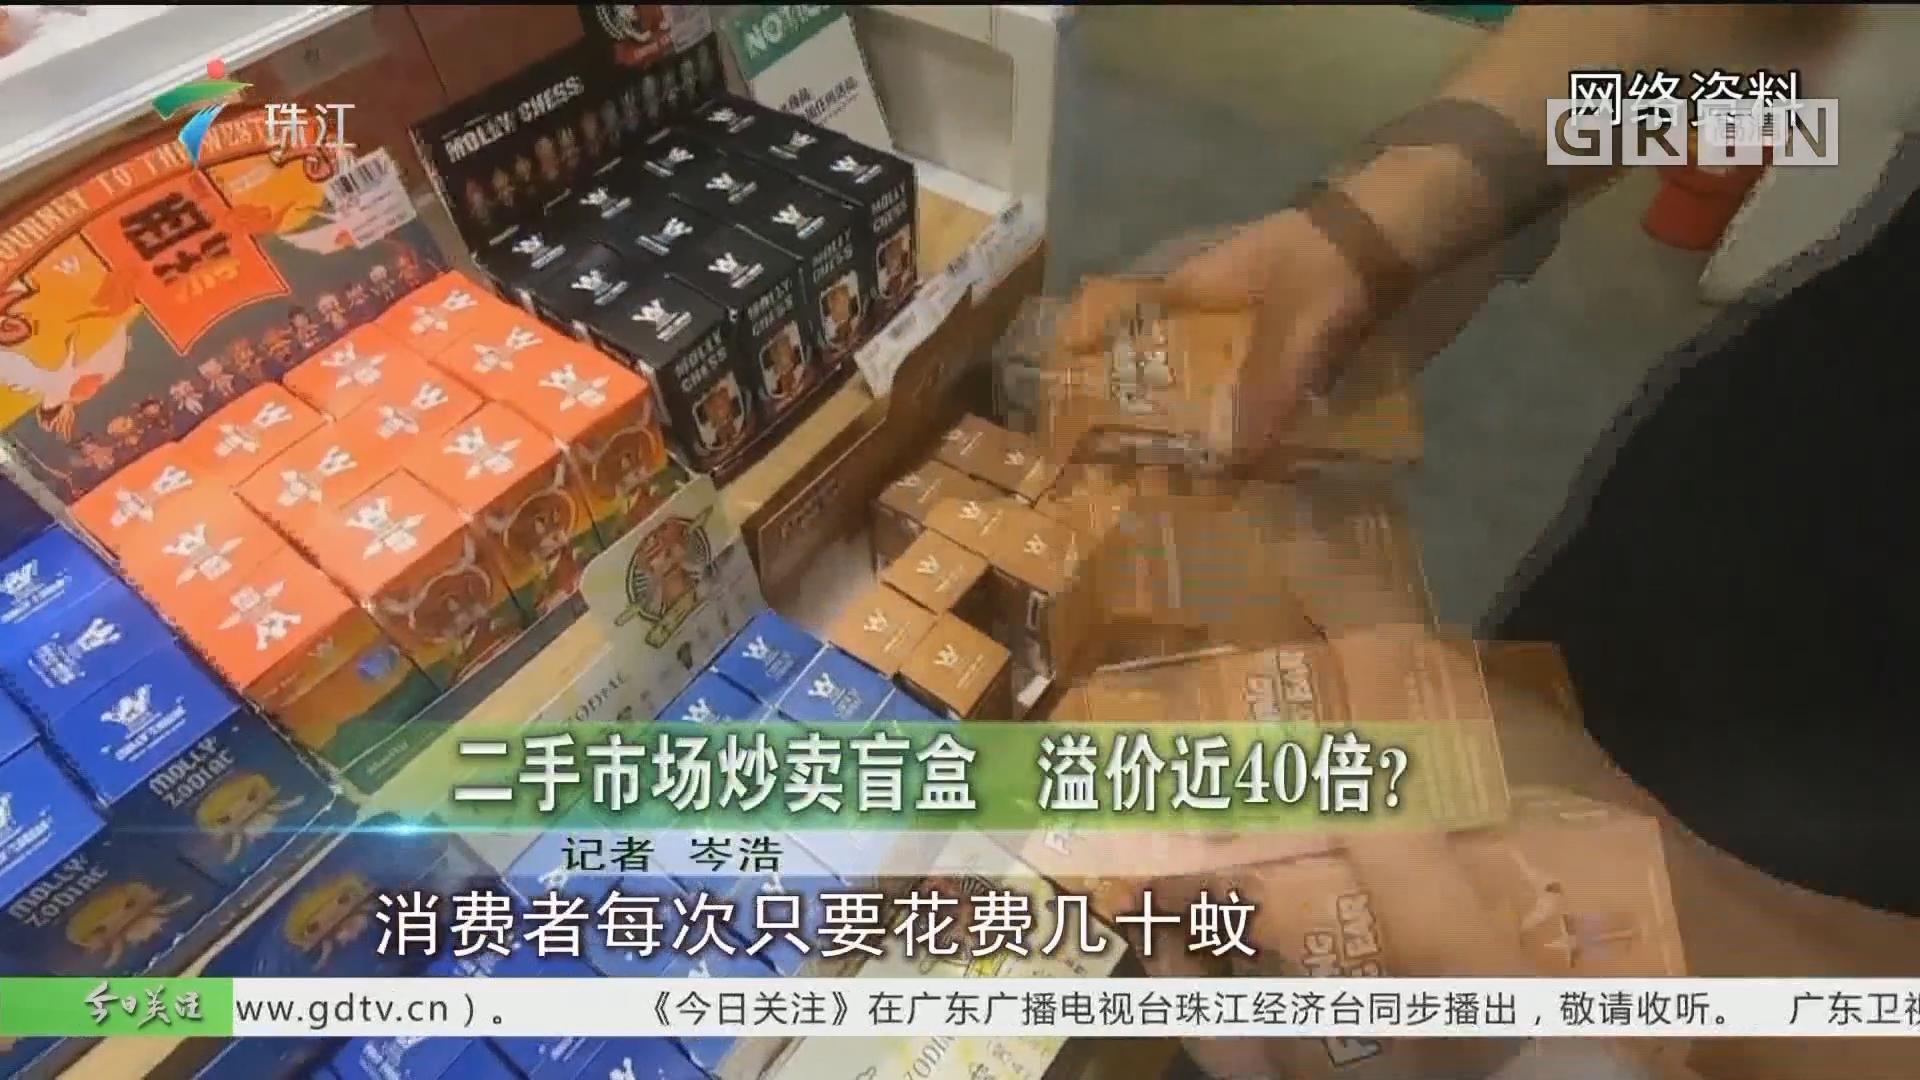 二手市场炒卖盲盒 溢价近40倍?